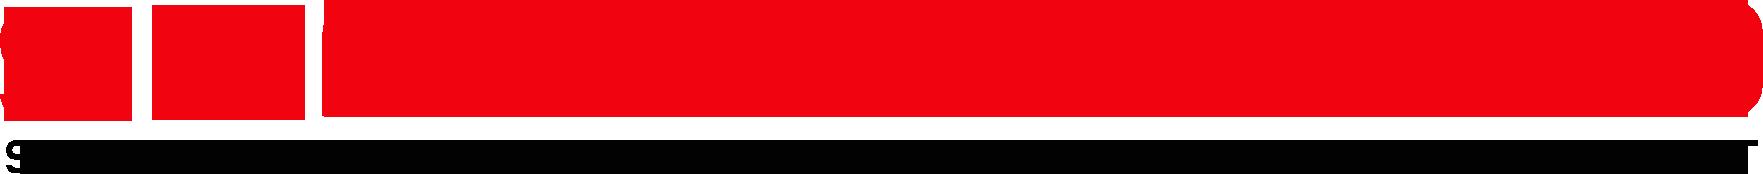 somthailand